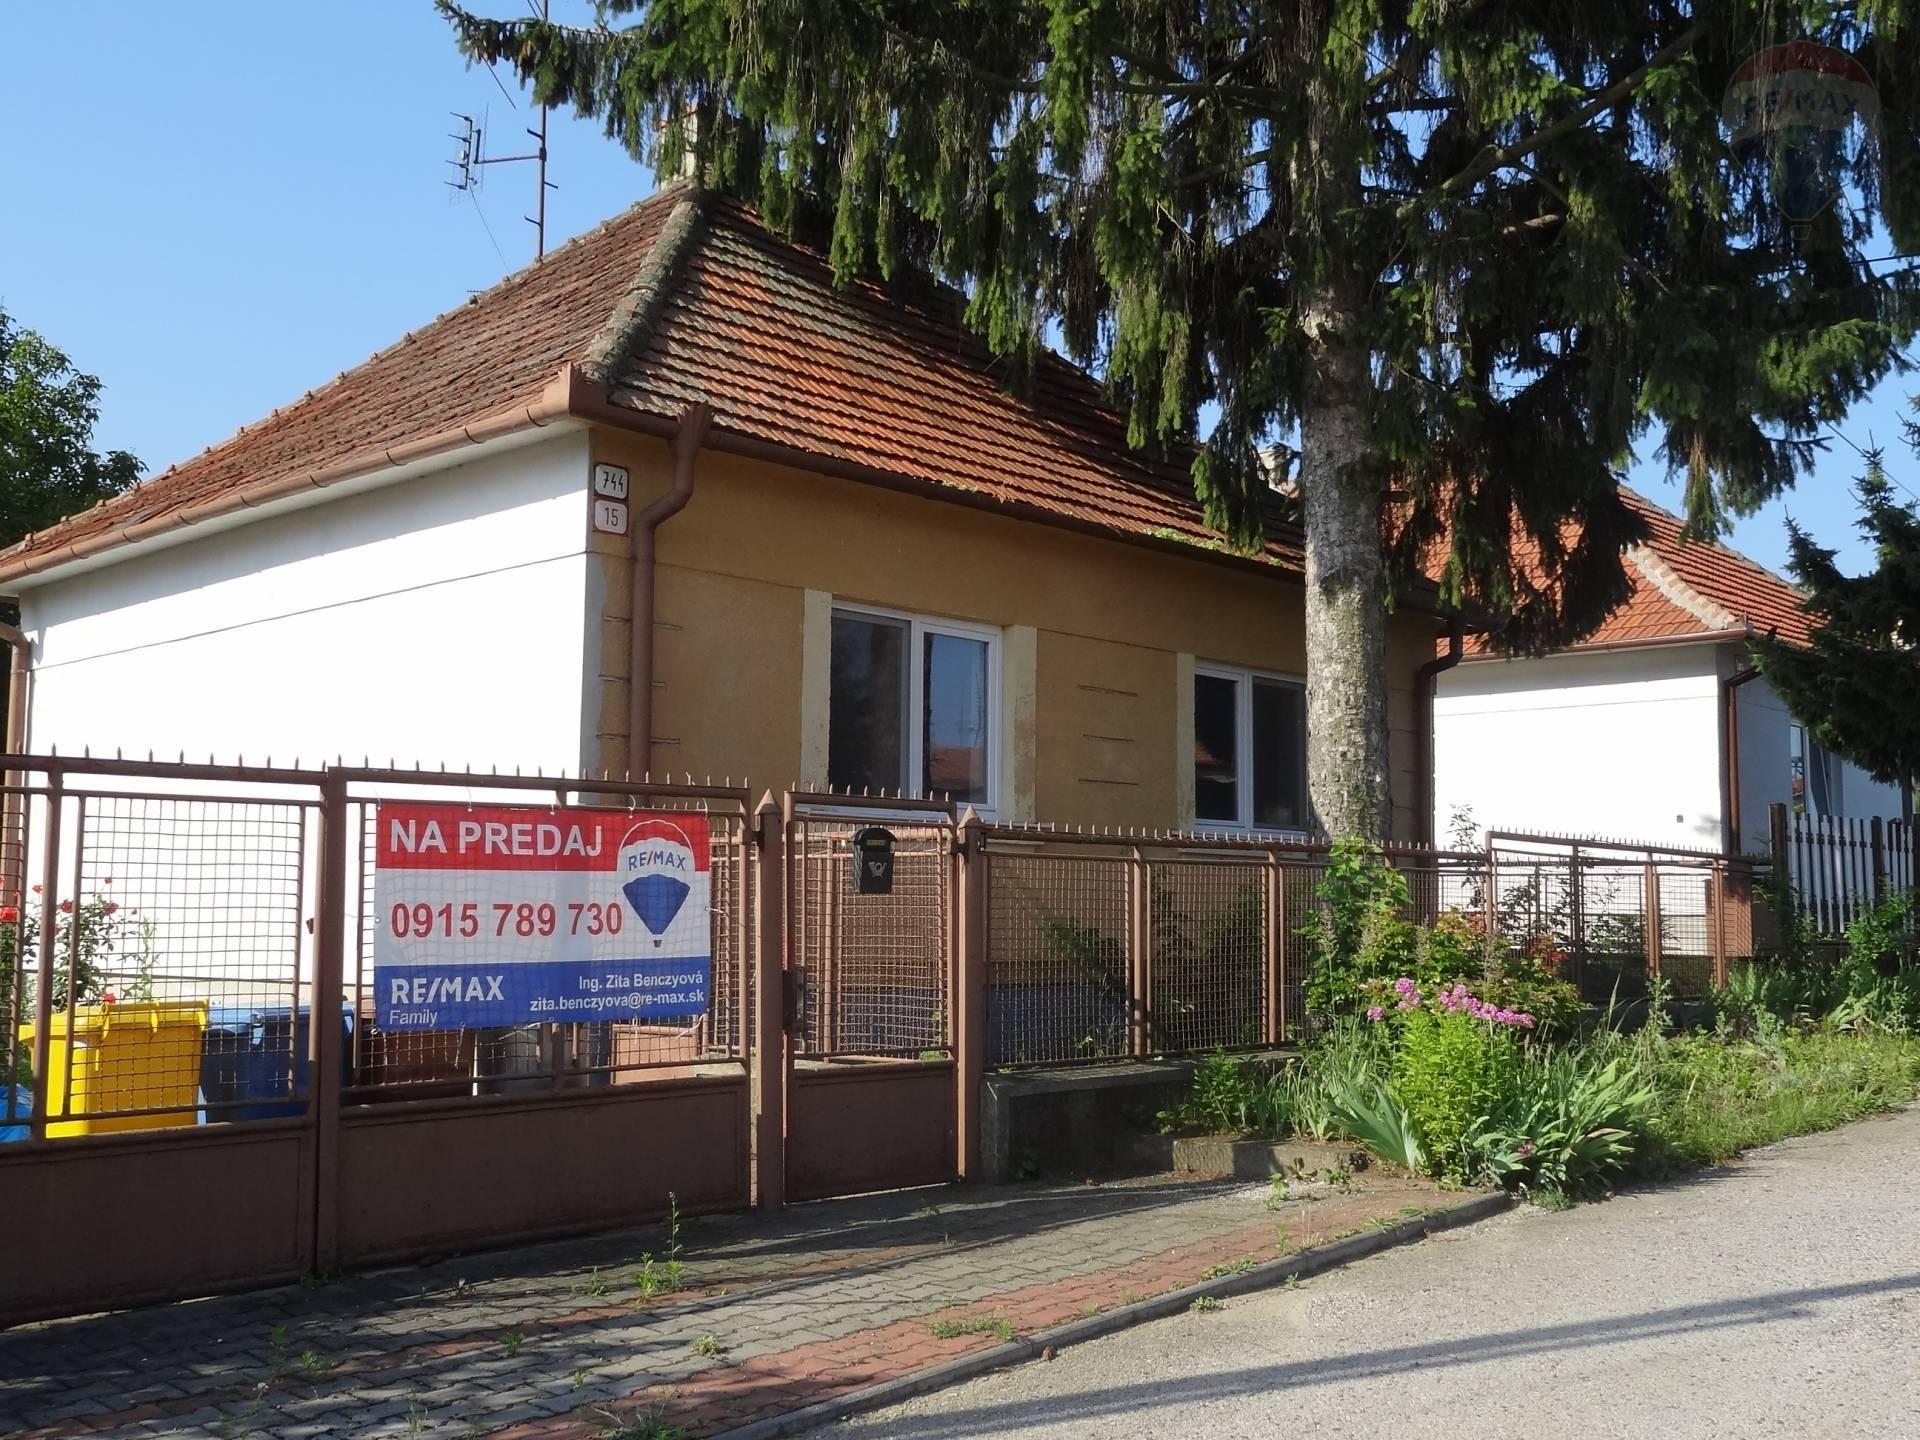 Predaj 4 izbovy rodinný dom, Nitra, Lužianky EXKLUZÍVNE!